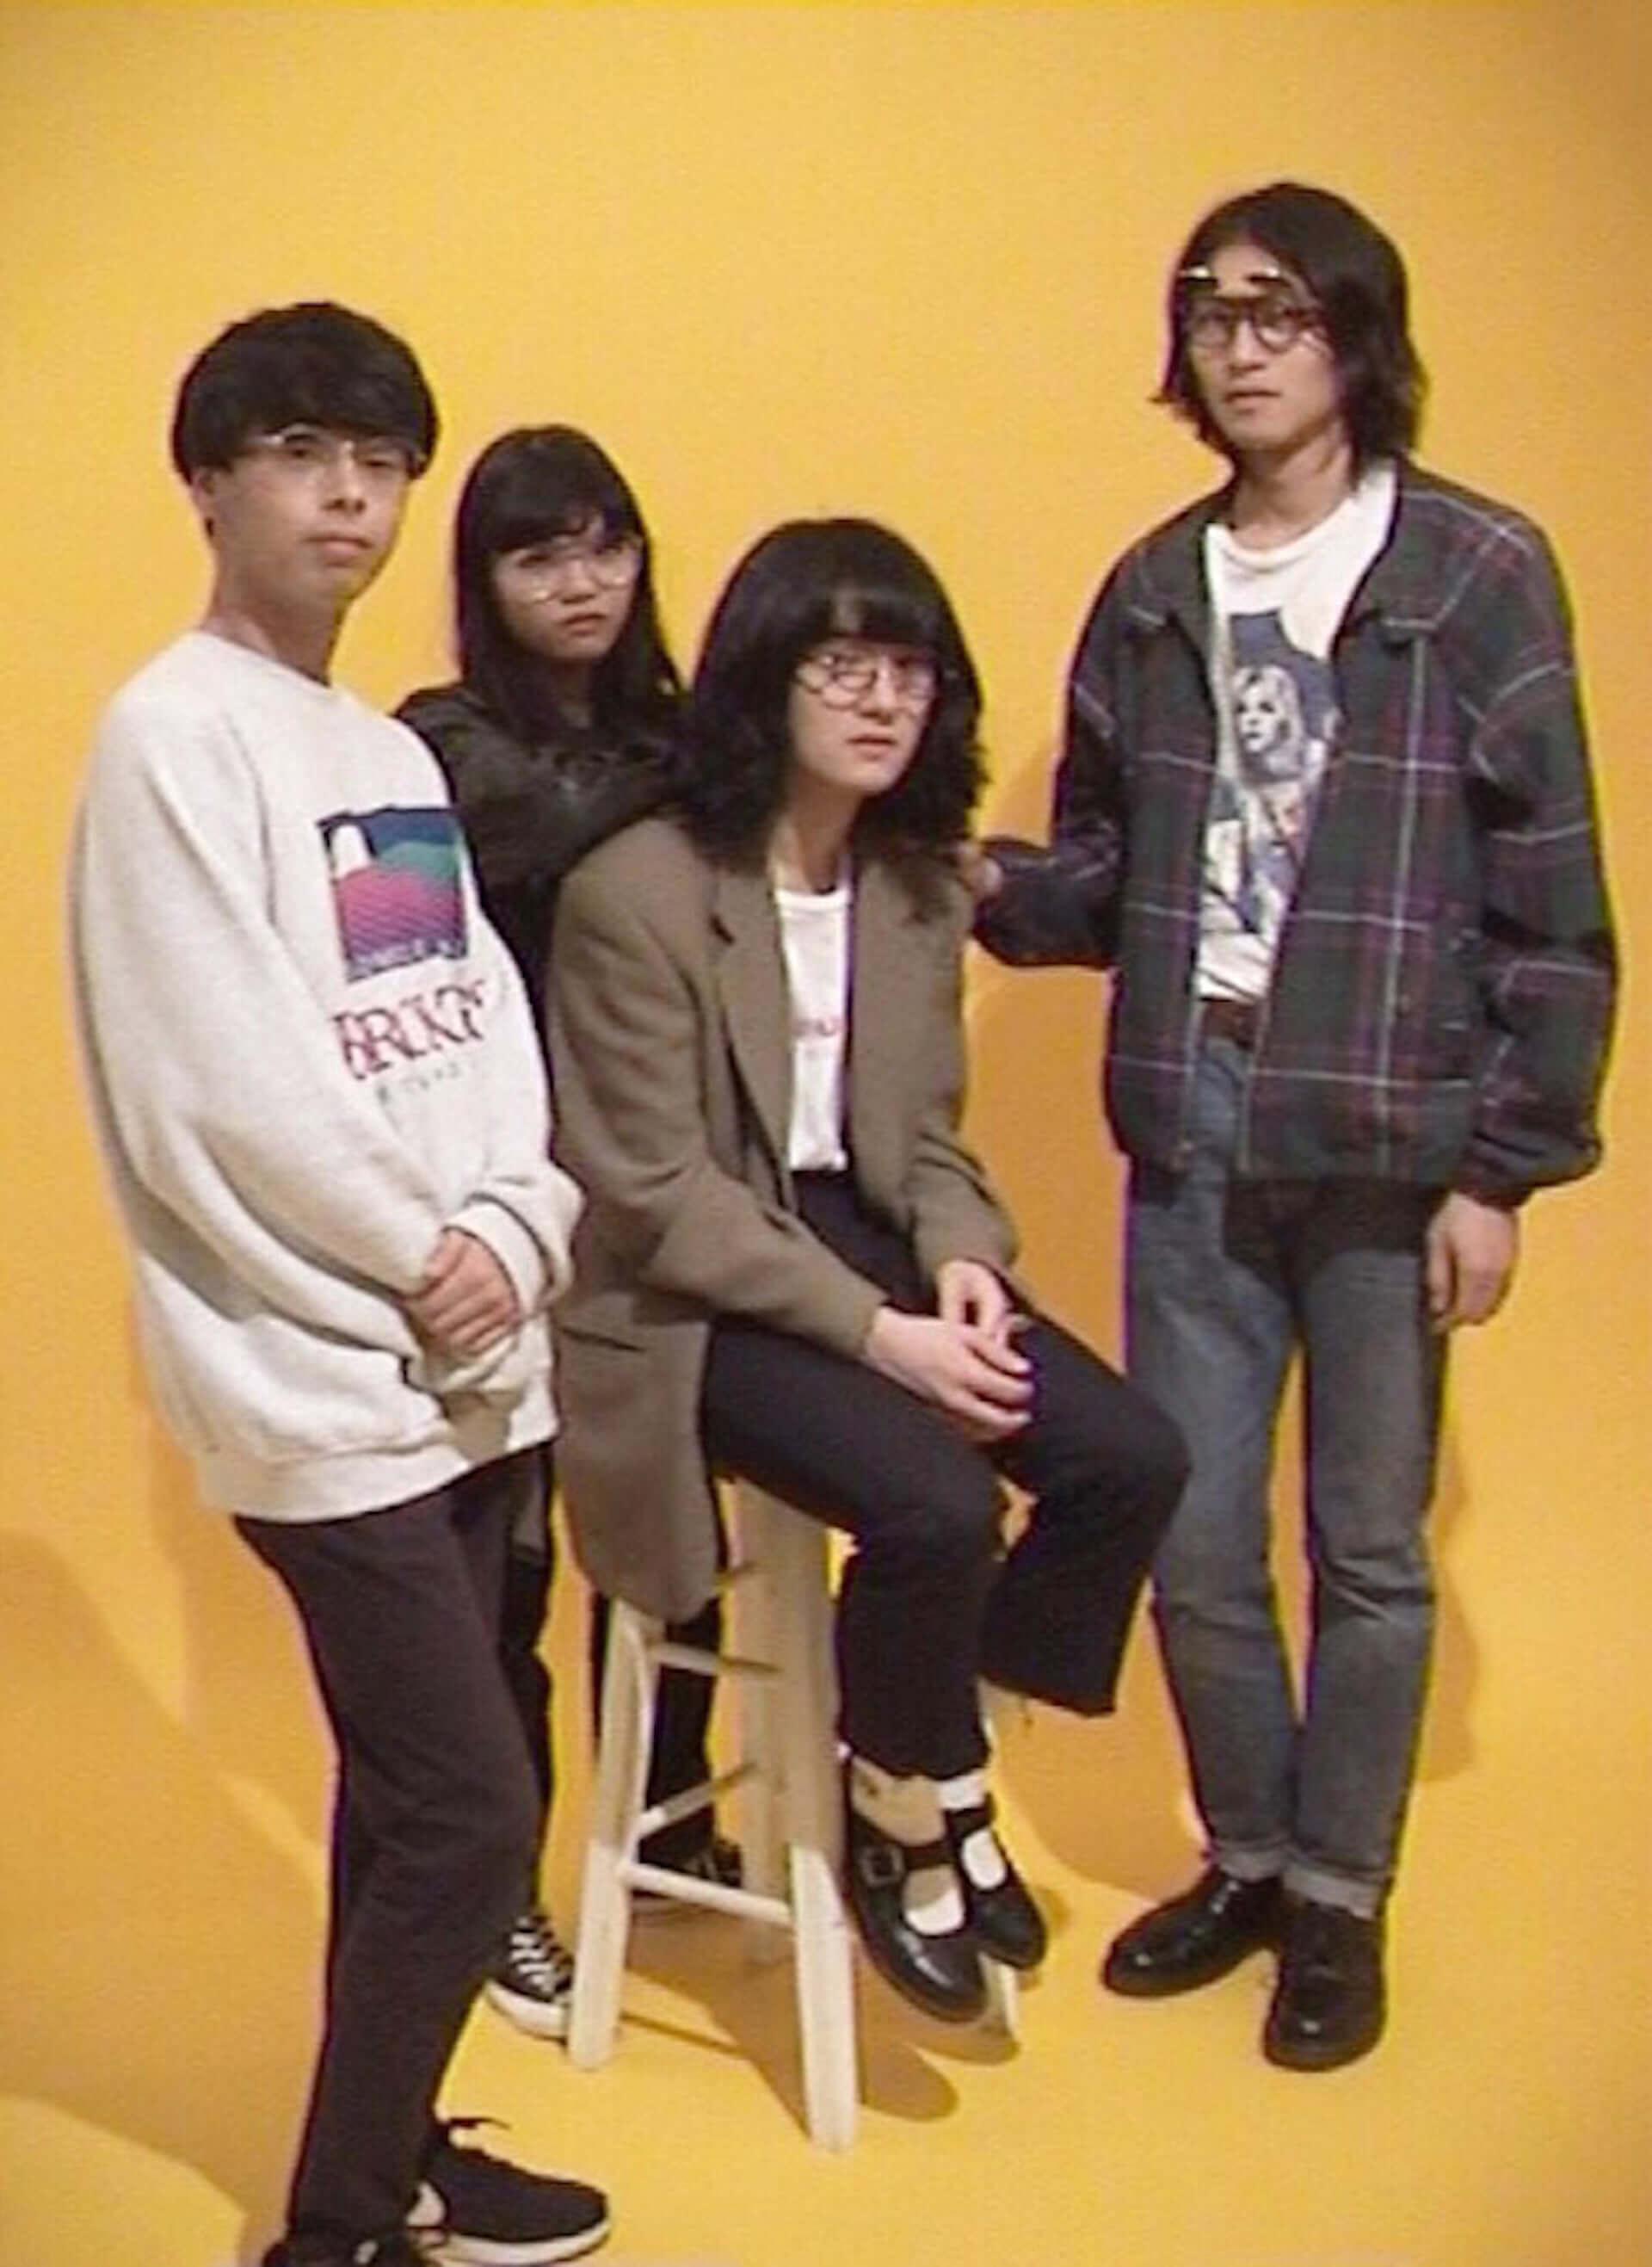 サポートアクトにNo Busesが決定!世界を震撼させるバンド、スタークローラーのジャパン・ツアーが来週よりスタート music191127_nobuses_2-1920x2634